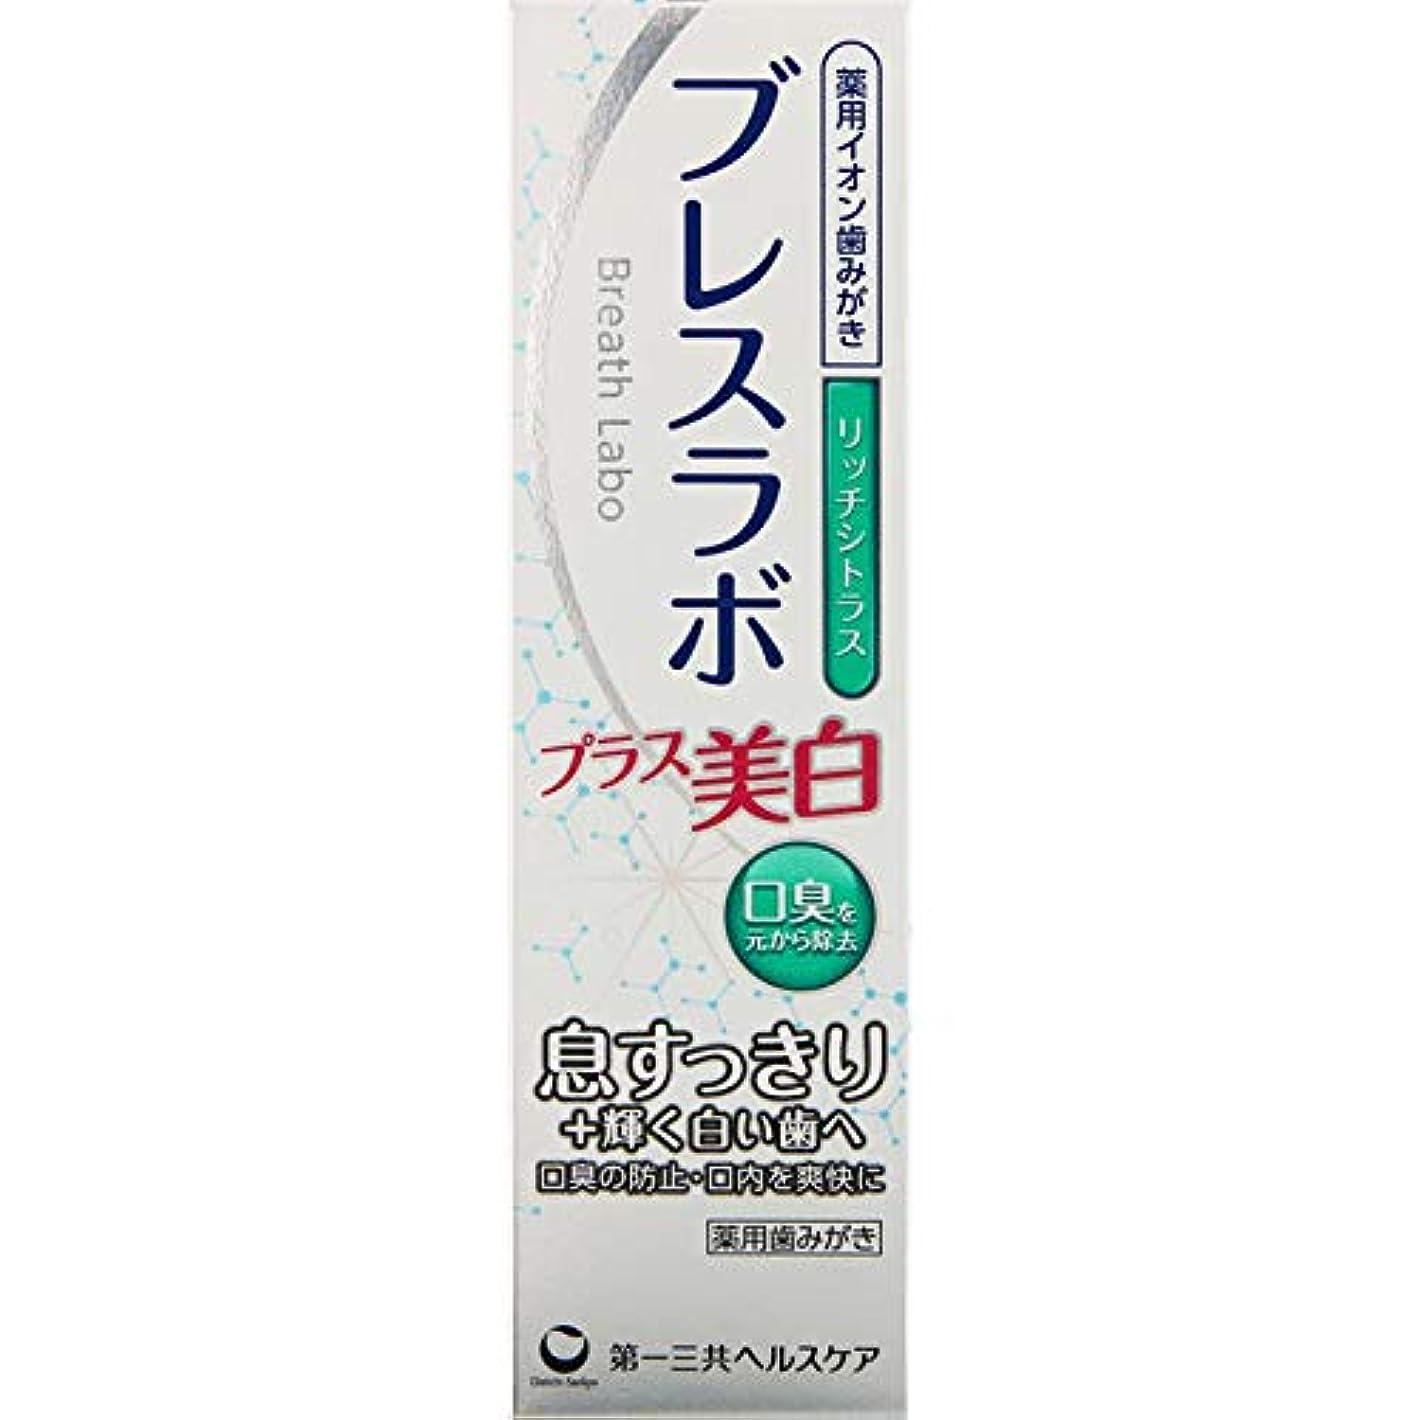 眼スキル一生【6個セット】ブレスラボ プラス美白 リッチシトラス 90g